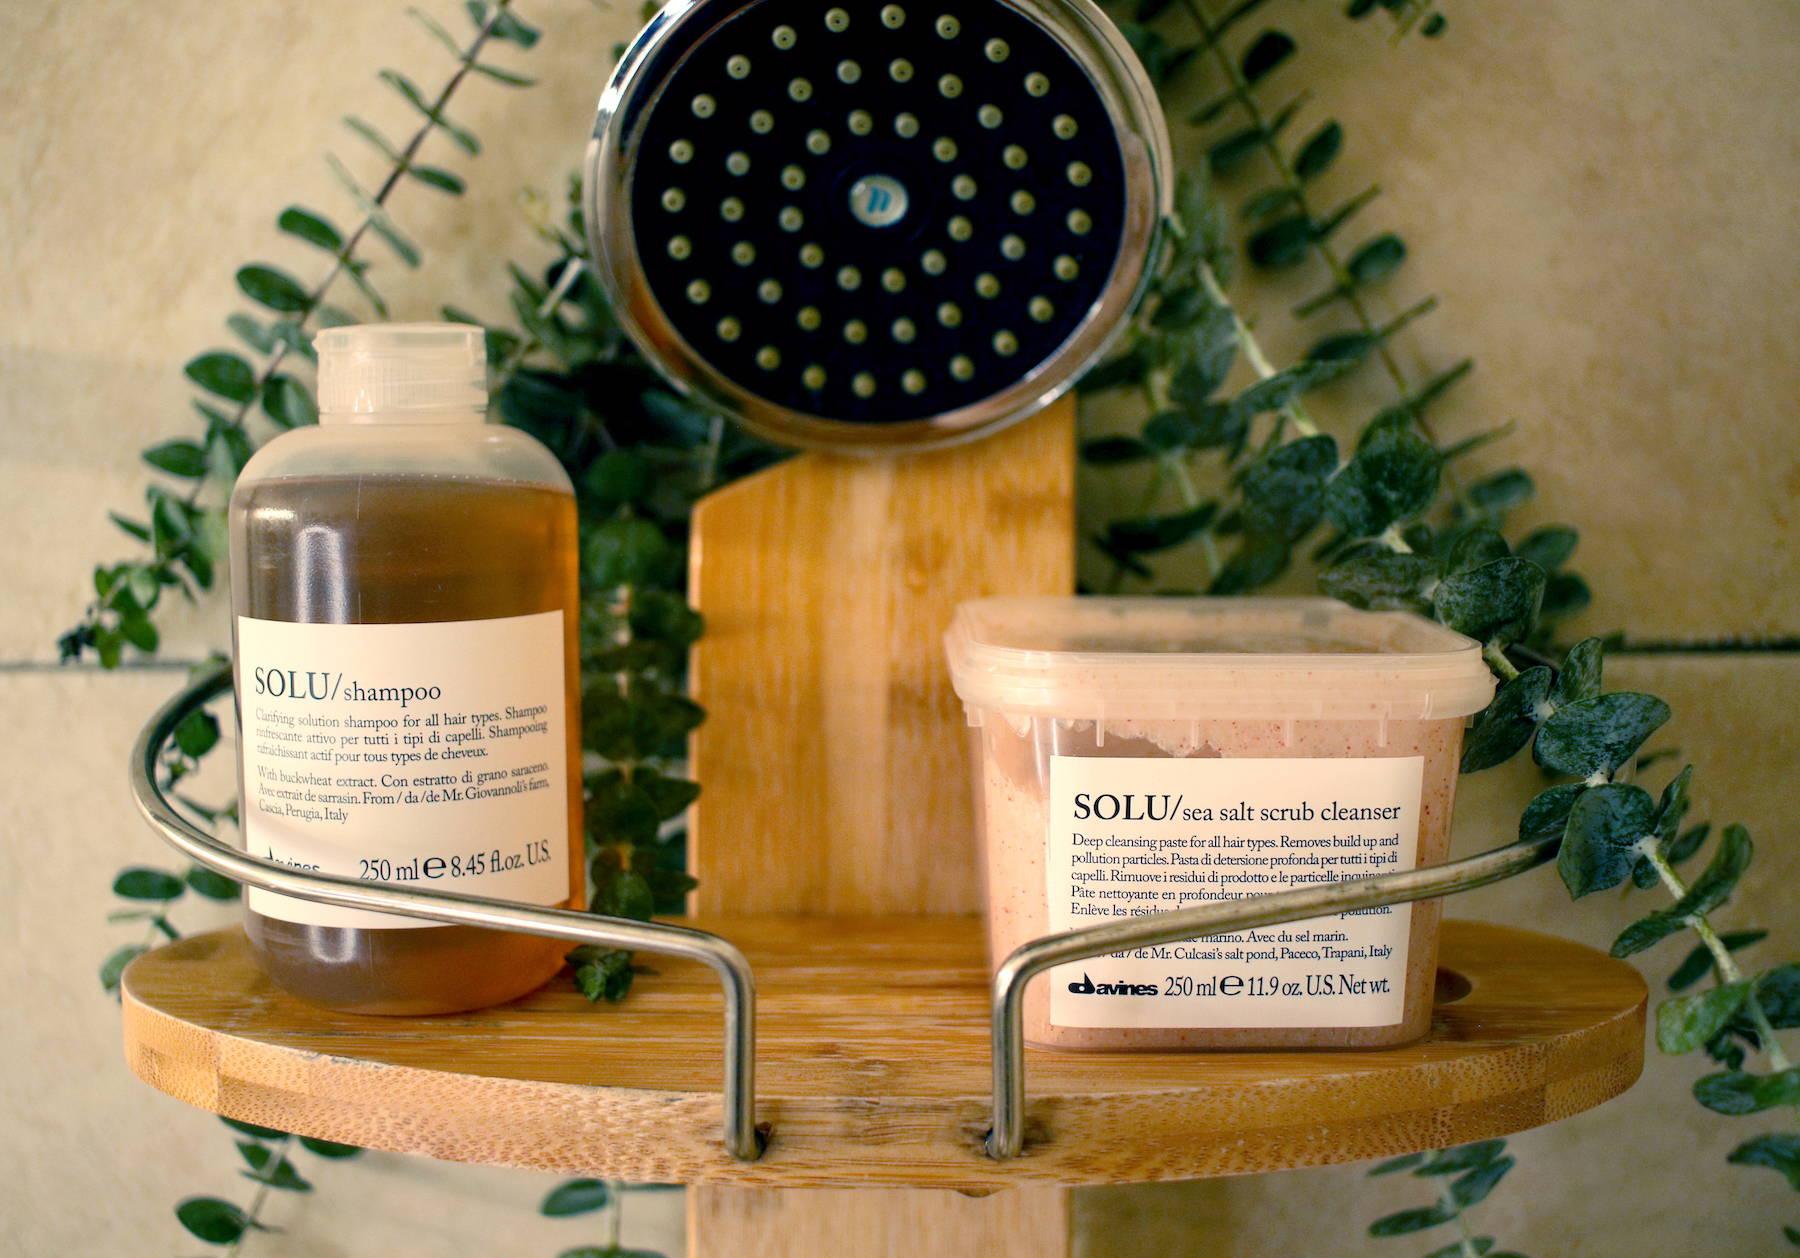 SOLU shampoo and sea salt scrub Davines clarifying